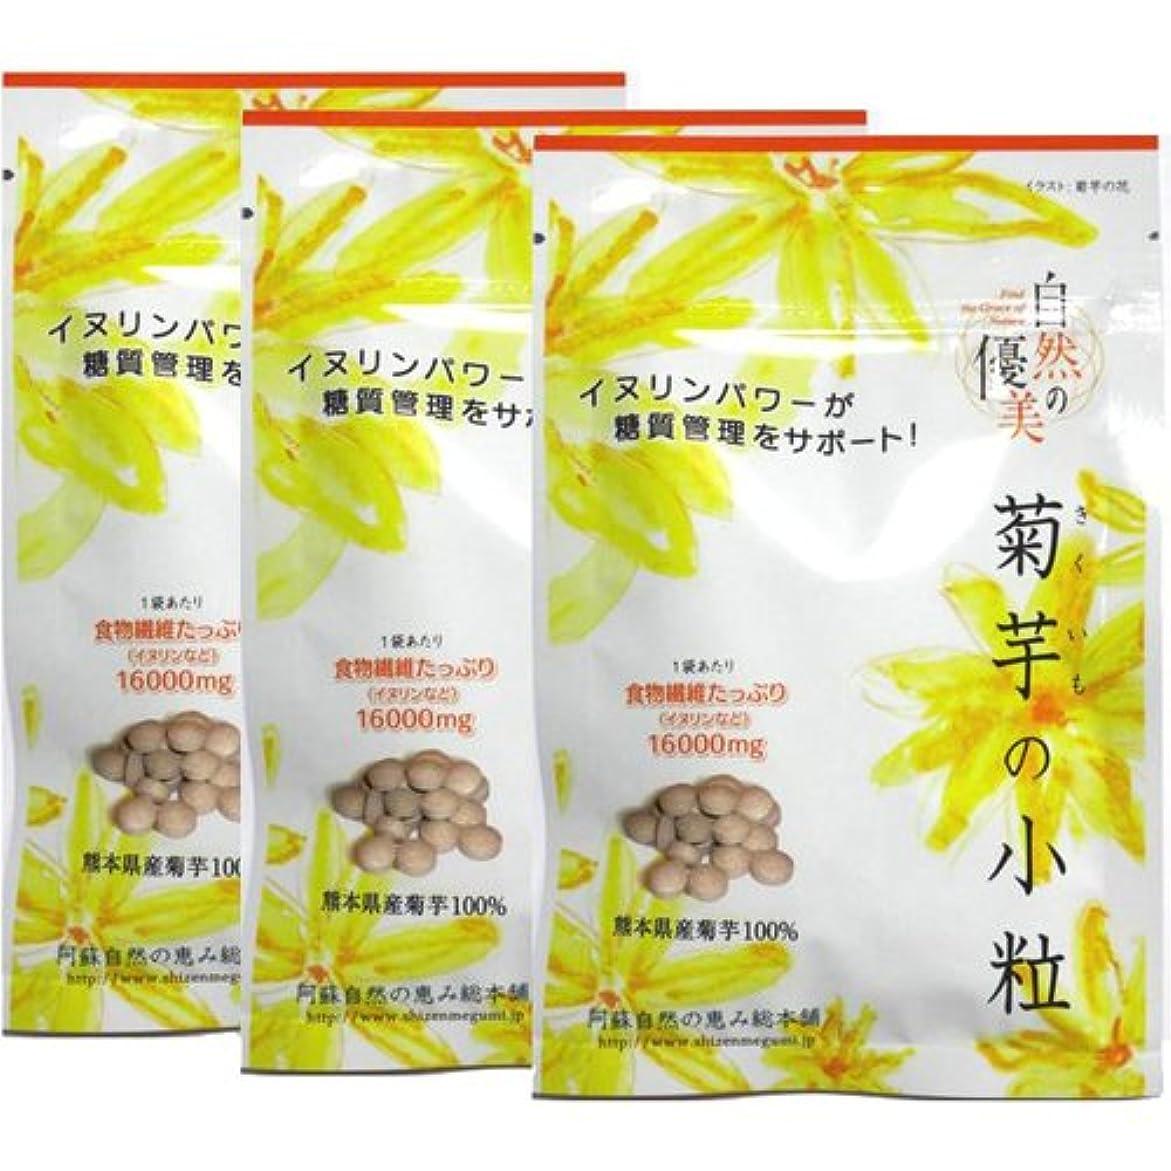 ブルジョンサーマル靴阿蘇自然の恵み総本舗 菊芋の小粒 100錠×3袋